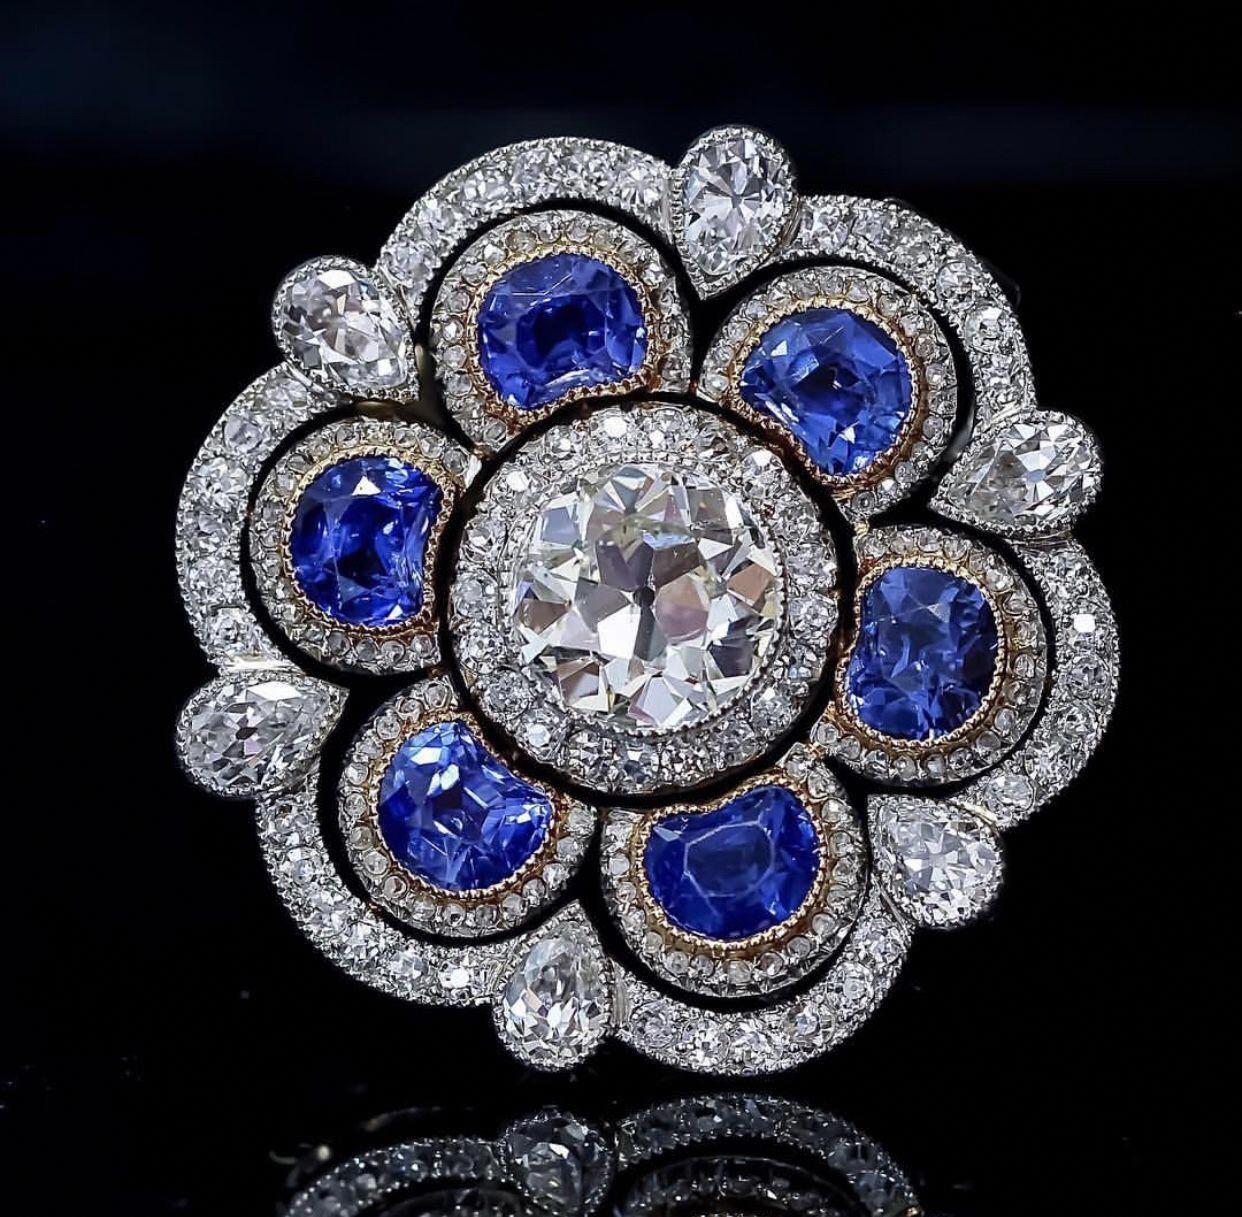 96dc7f5d0 Beautiful Brooch✨ #diamondbrooch | jewelry in 2019 | Gold brooches ...